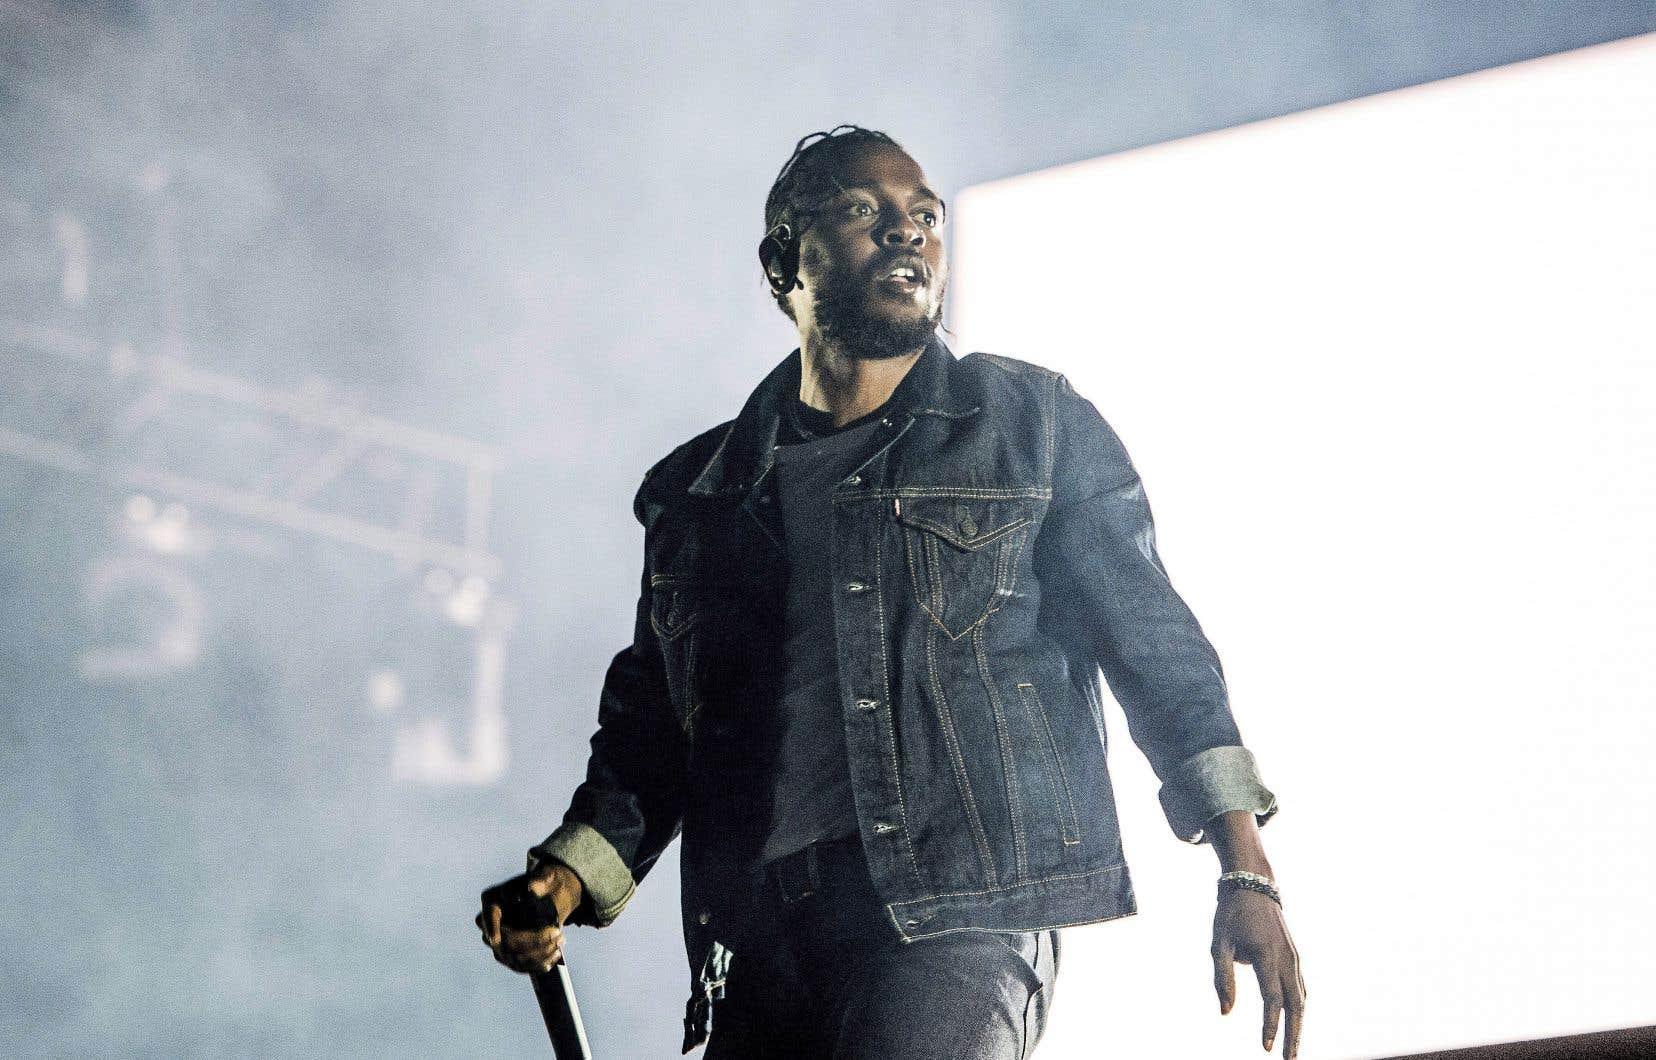 Le fait que Kendrick Lamar reçoive ce prix en cette année 2018 est plutôt conforme aux valeurs musicales que défend l'institution depuis 1943.